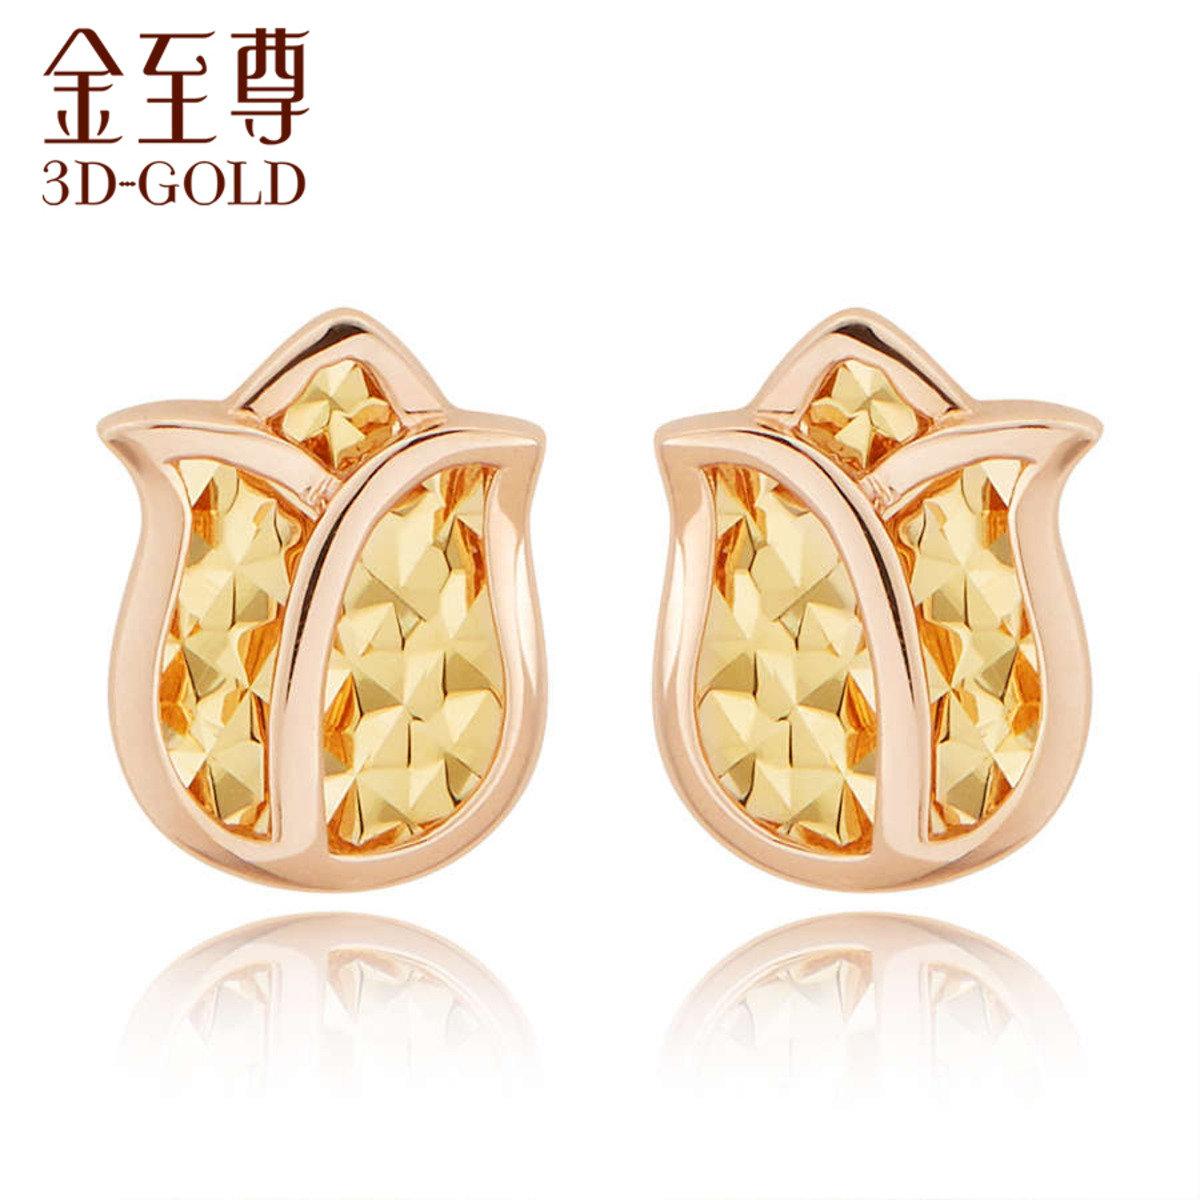 18K/750金(分色)耳環